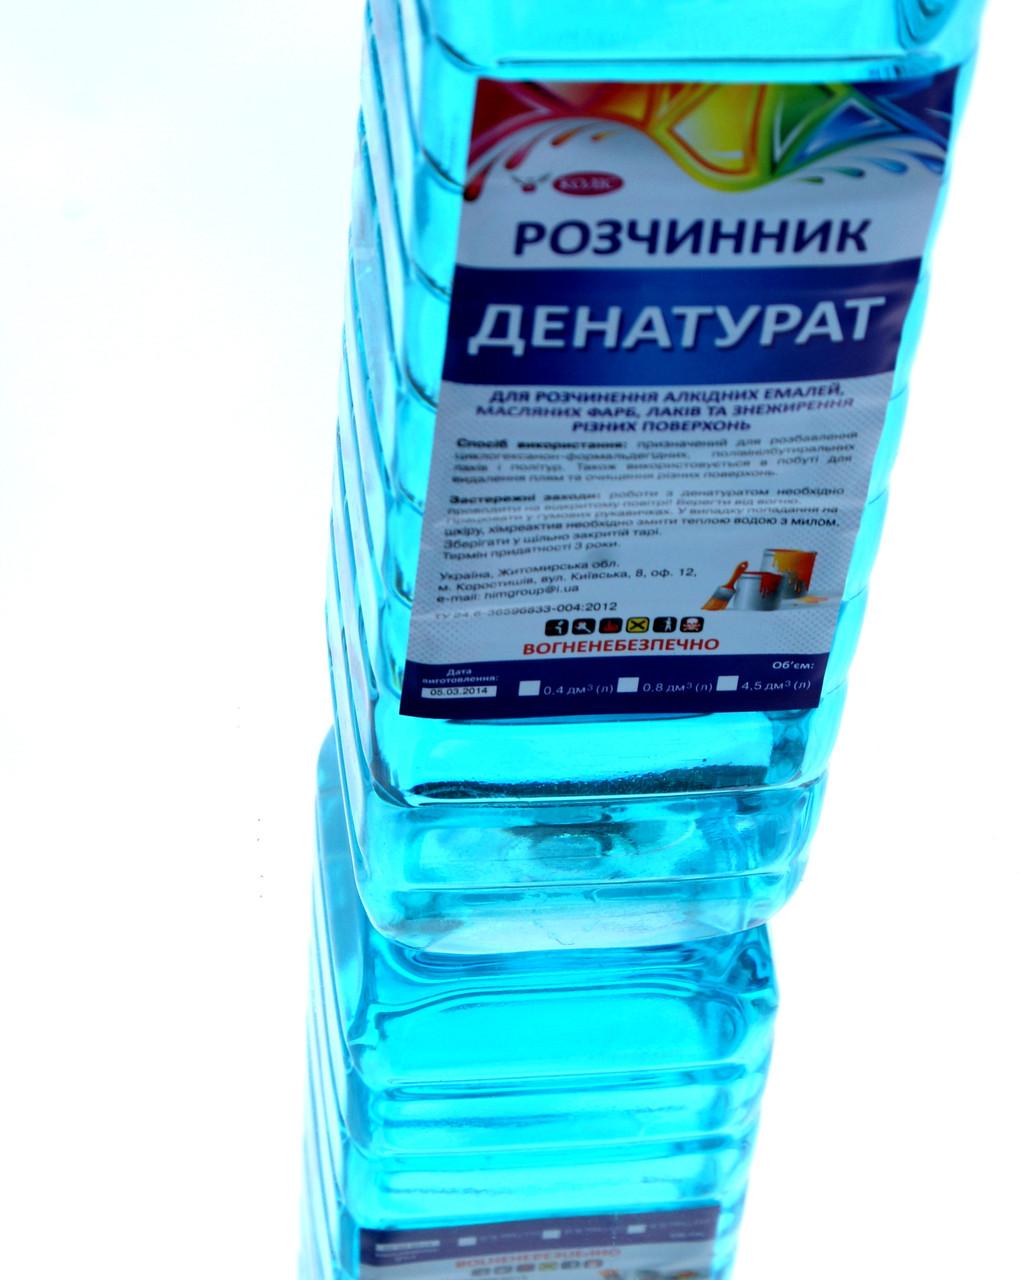 Куплю спирт пищевой в кировограде купить спирт оптом красноярск